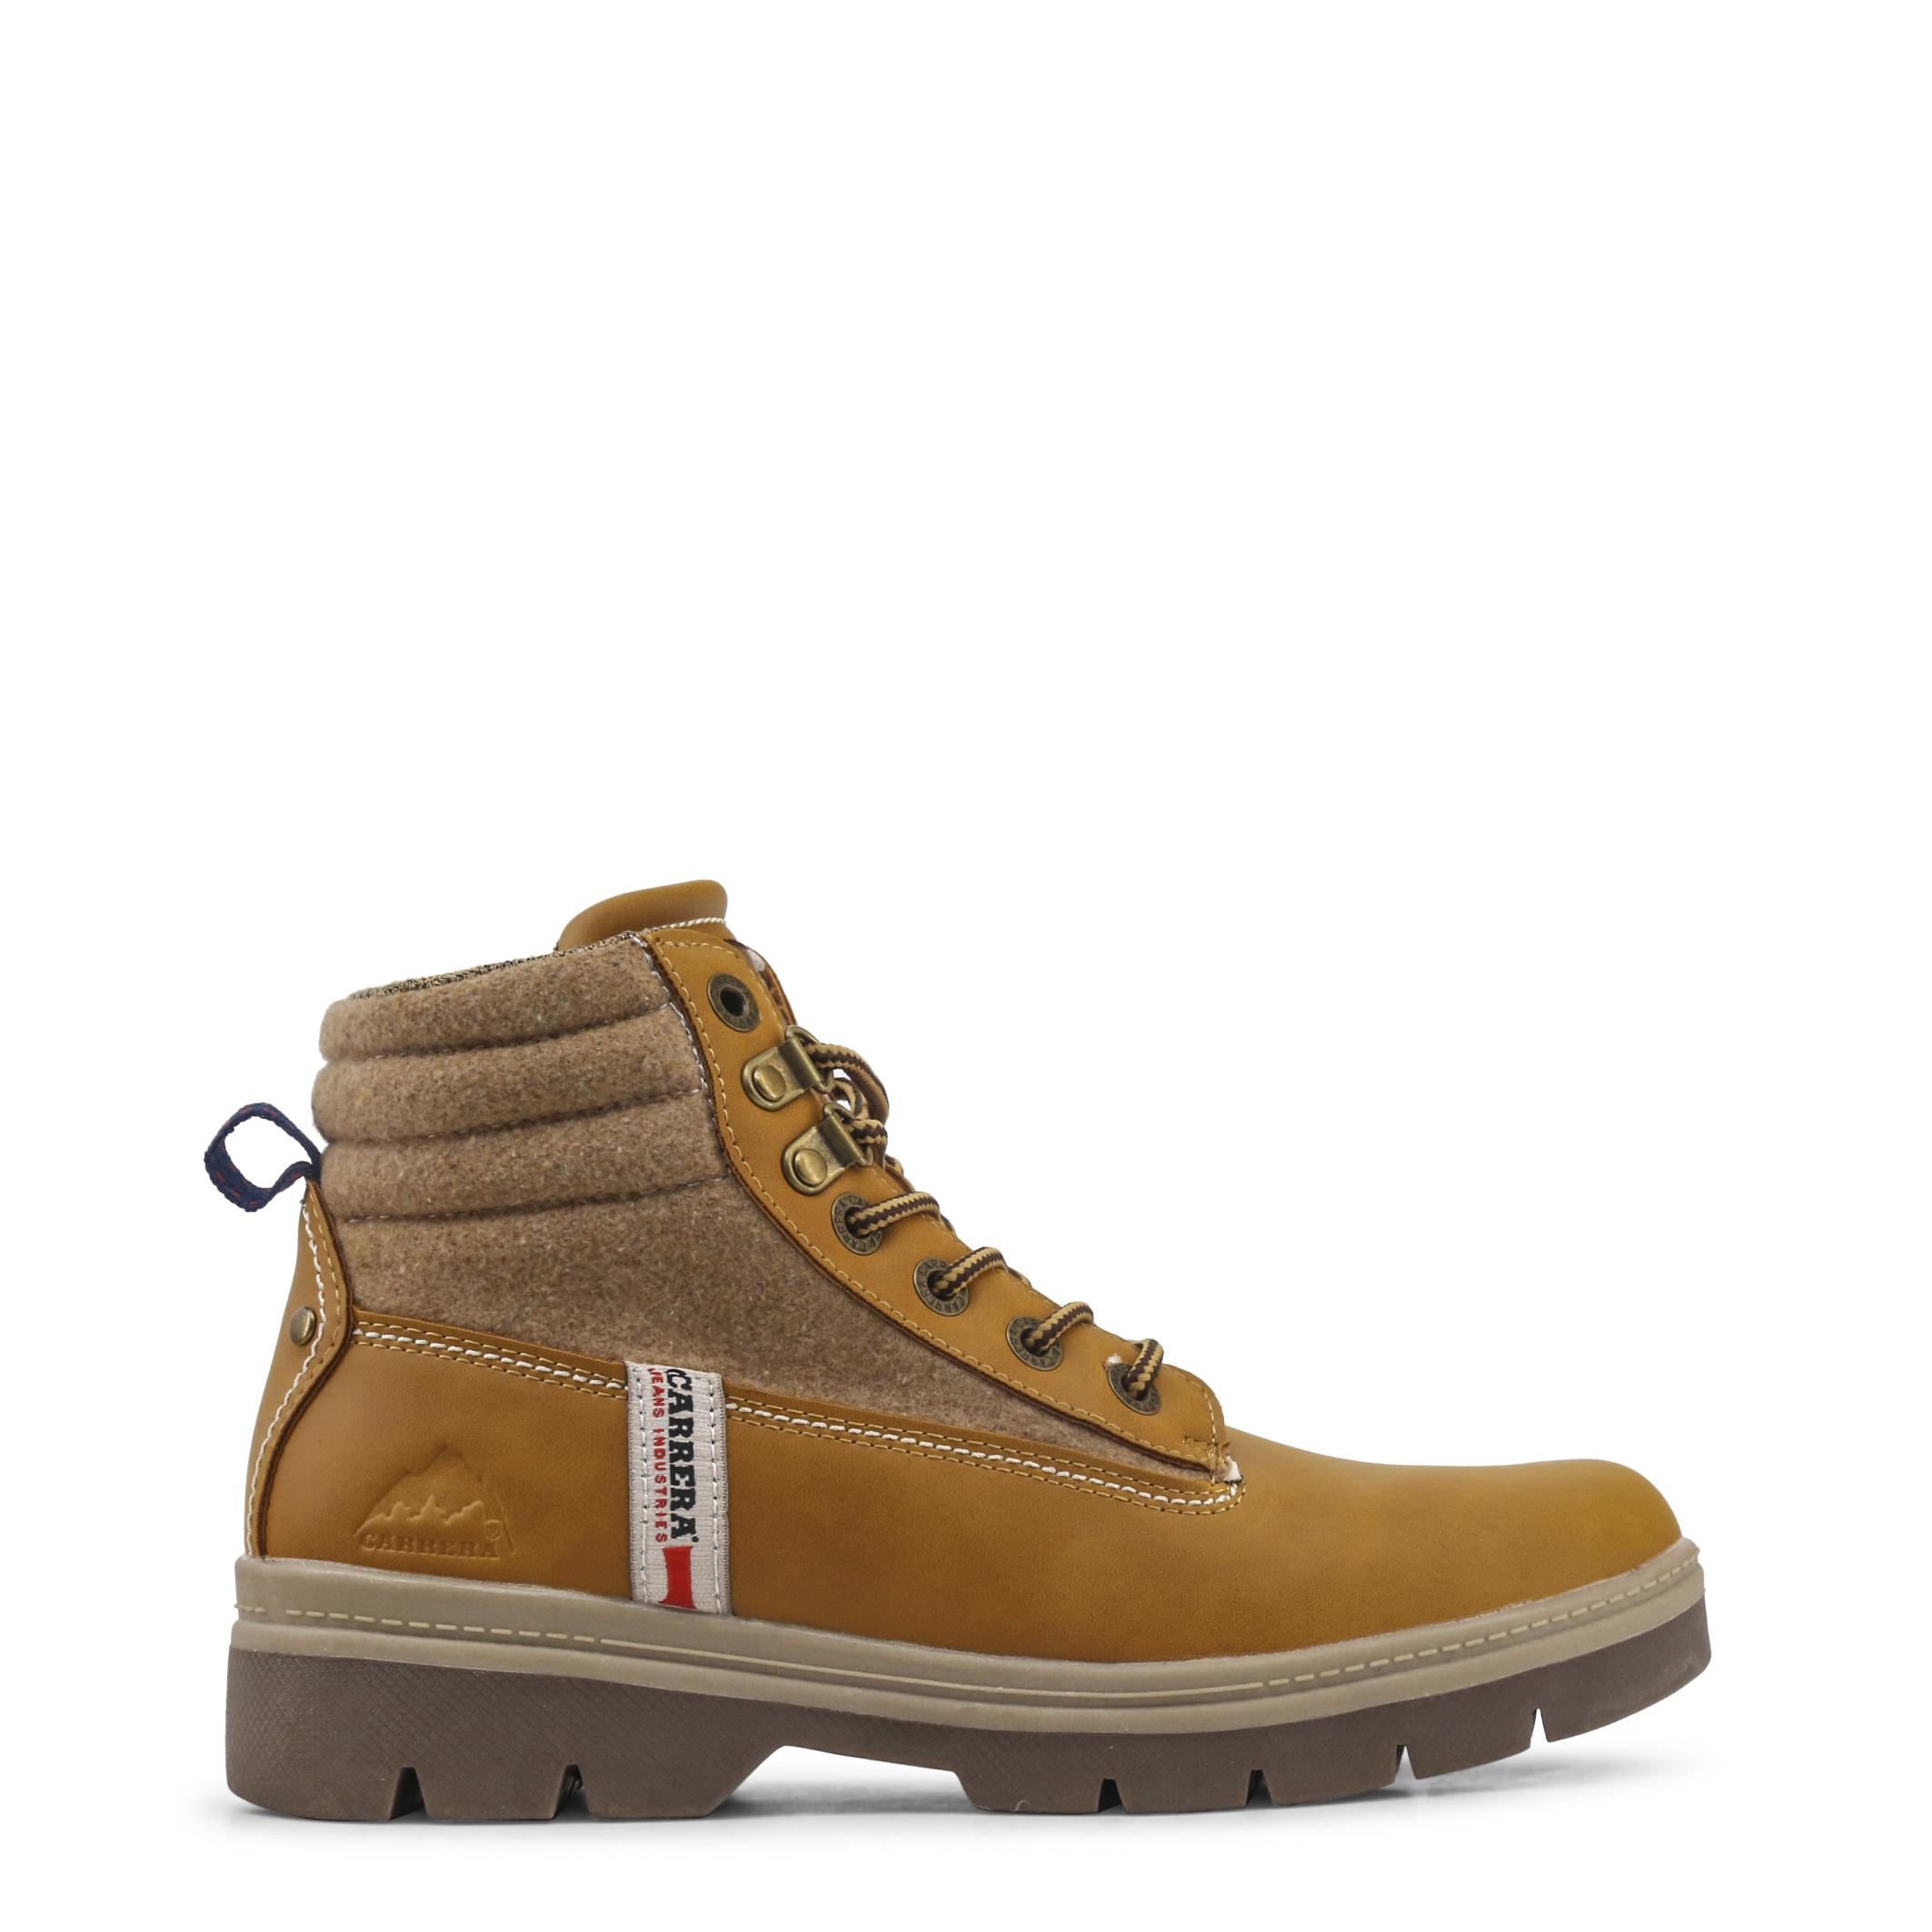 Stivaletti-Carrera-Jeans-CAM821200-Uomo-Marrone-94013